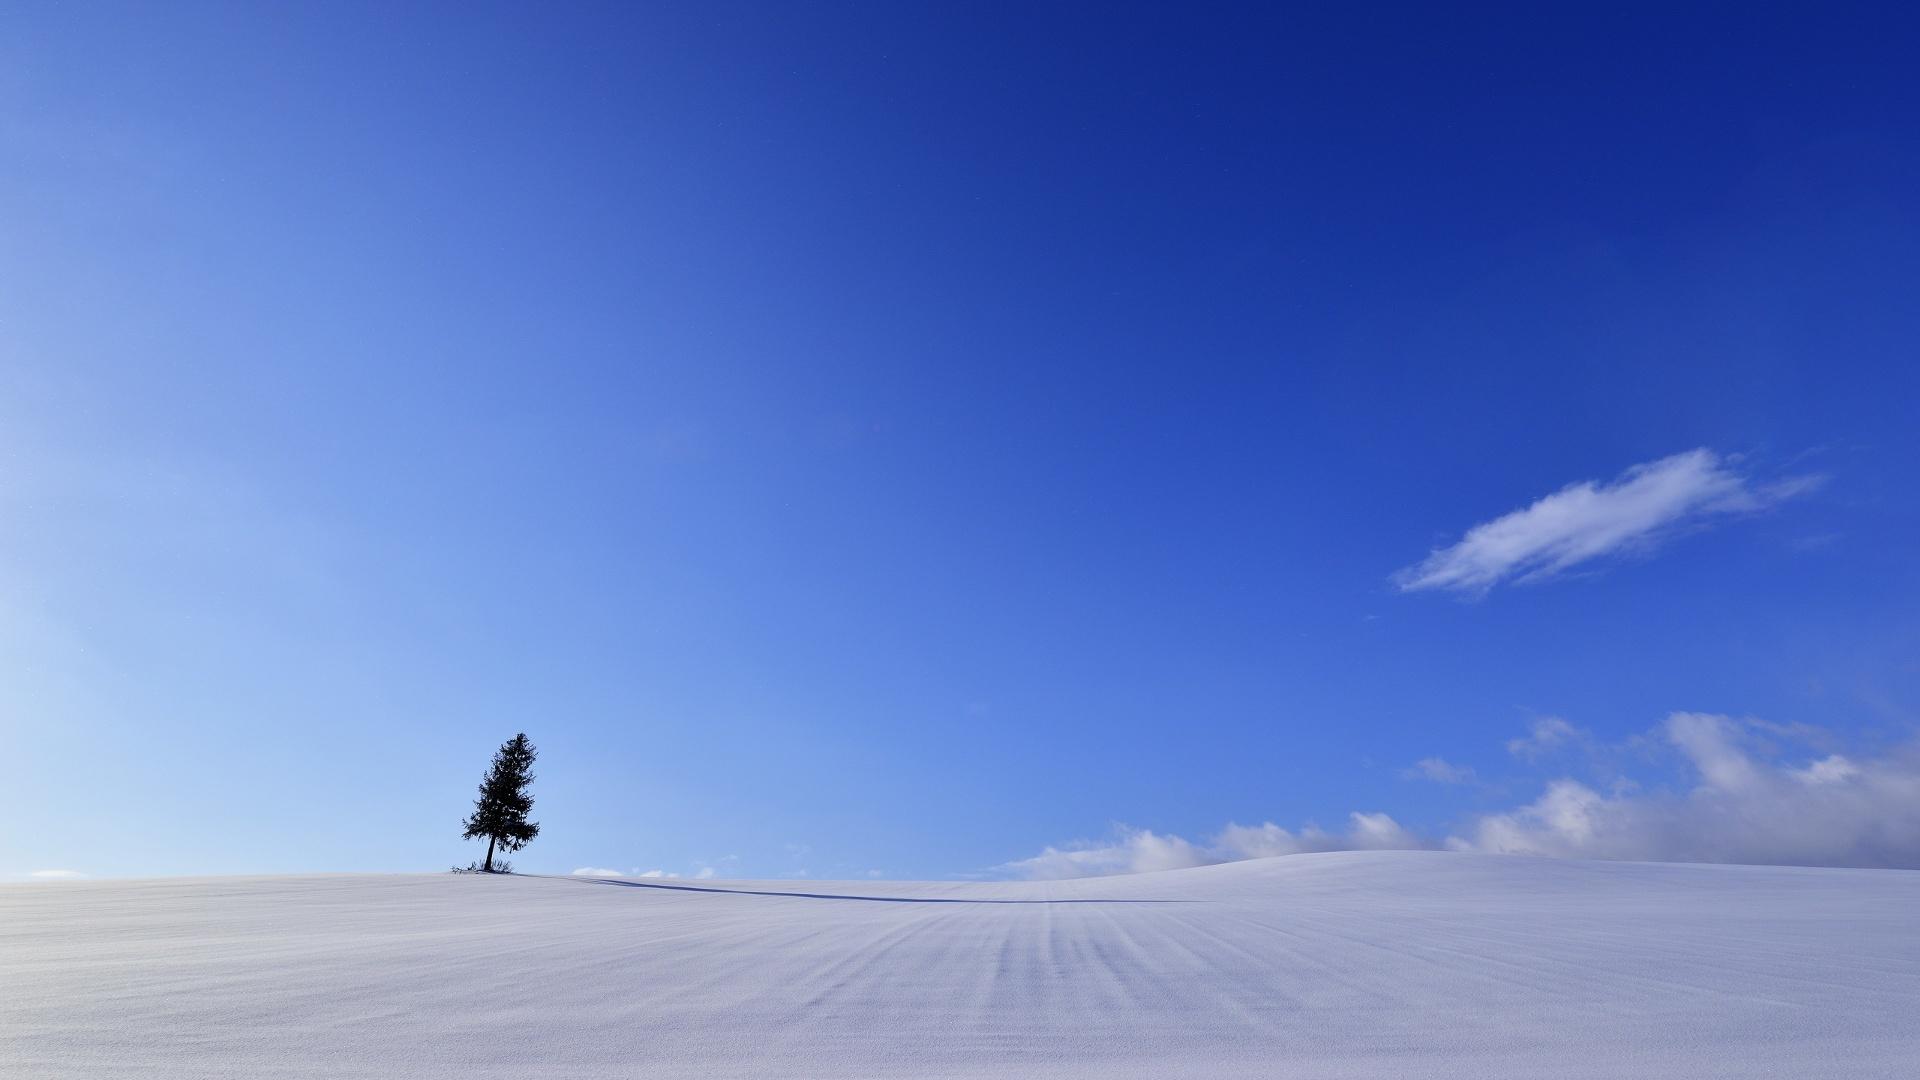 дерево в снегу одинокое